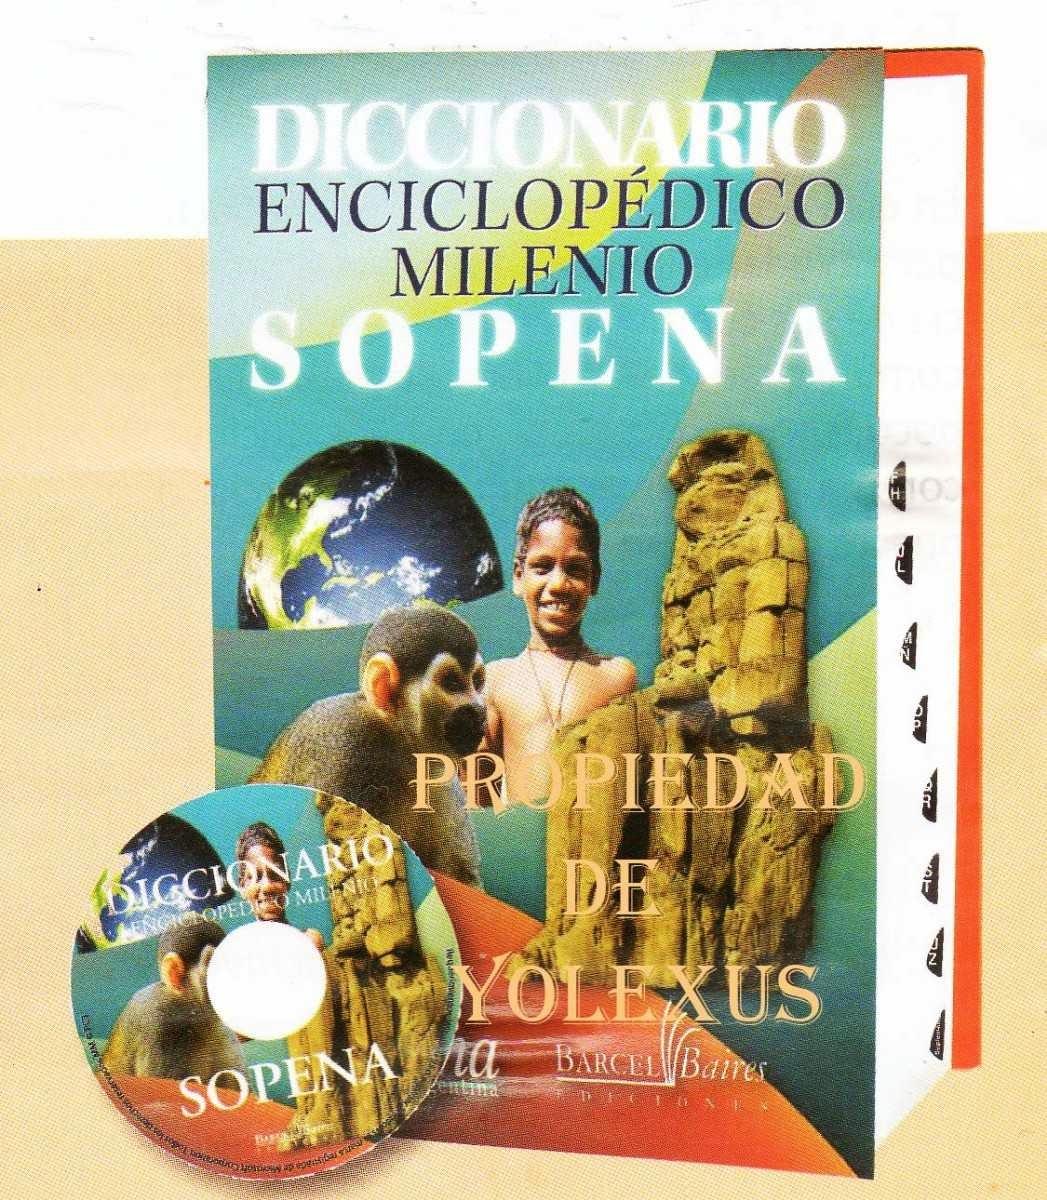 Nuevo diccionario enciclop dico milenio sopena credilibros for 4 milenio ultimo programa